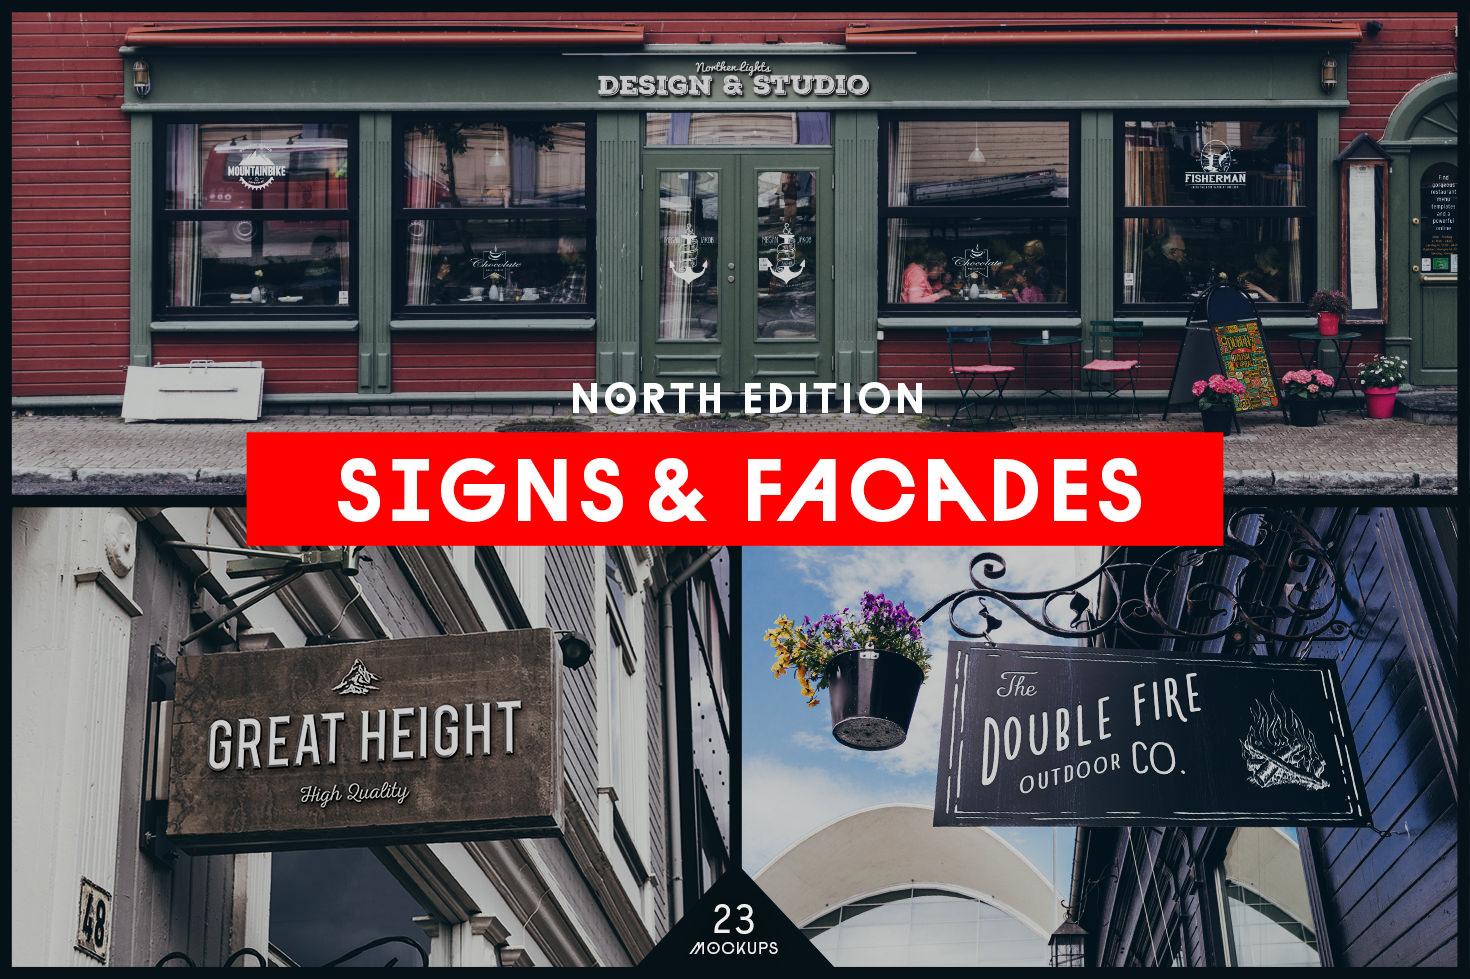 Signs & Facades Mockups - North Edition